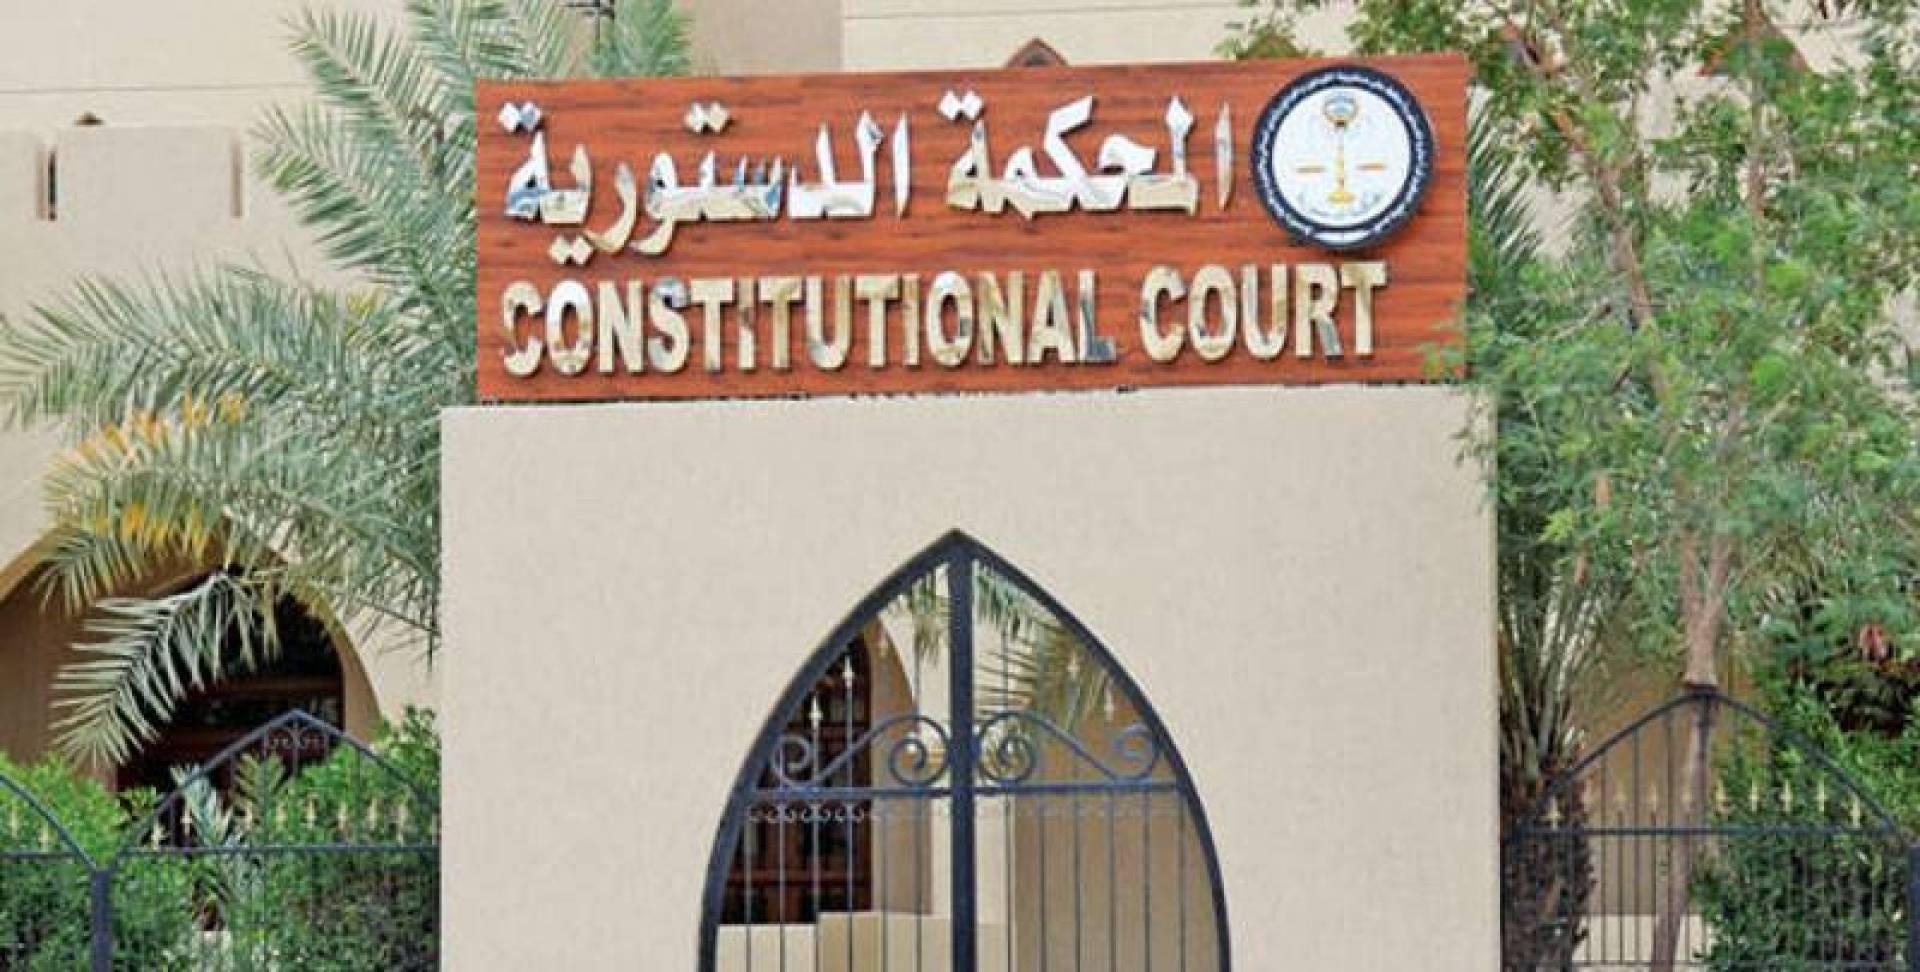 «الطعون الانتخابية».. «الداخلية» تقدم النتائج والأرقام للمحكمة الدستورية بعد 10 أيام